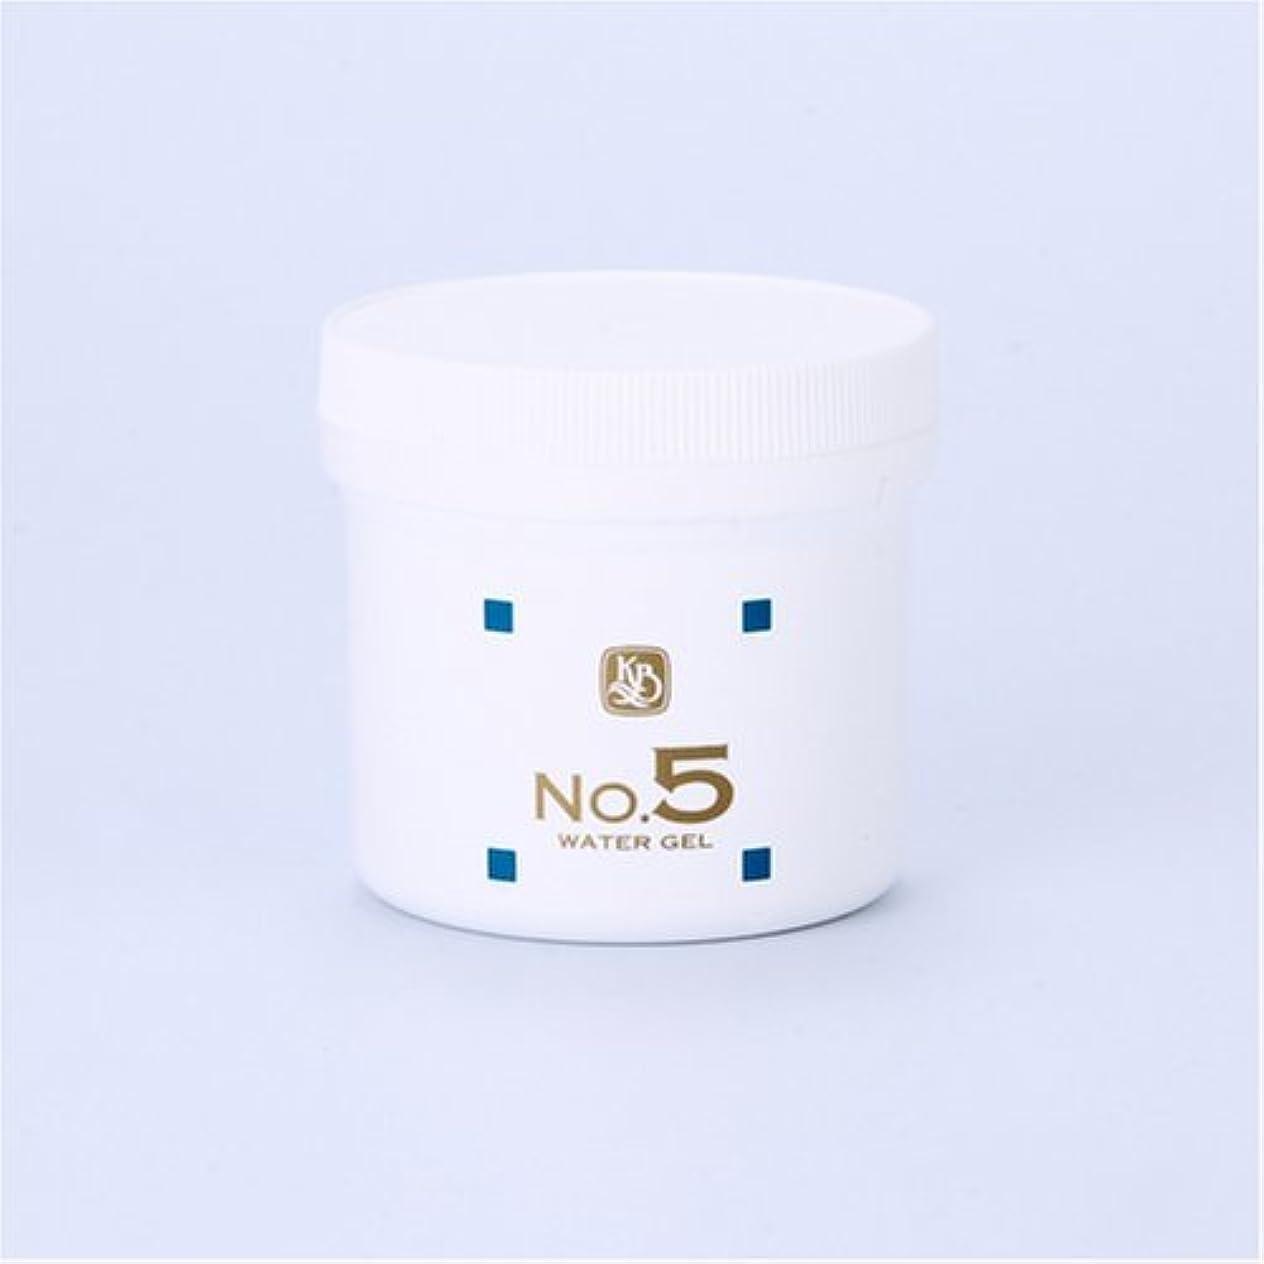 飼いならすアクセシブル破滅的な顔を洗う水シリーズ ウォーターゲルNo5(鎮静パック) 250g